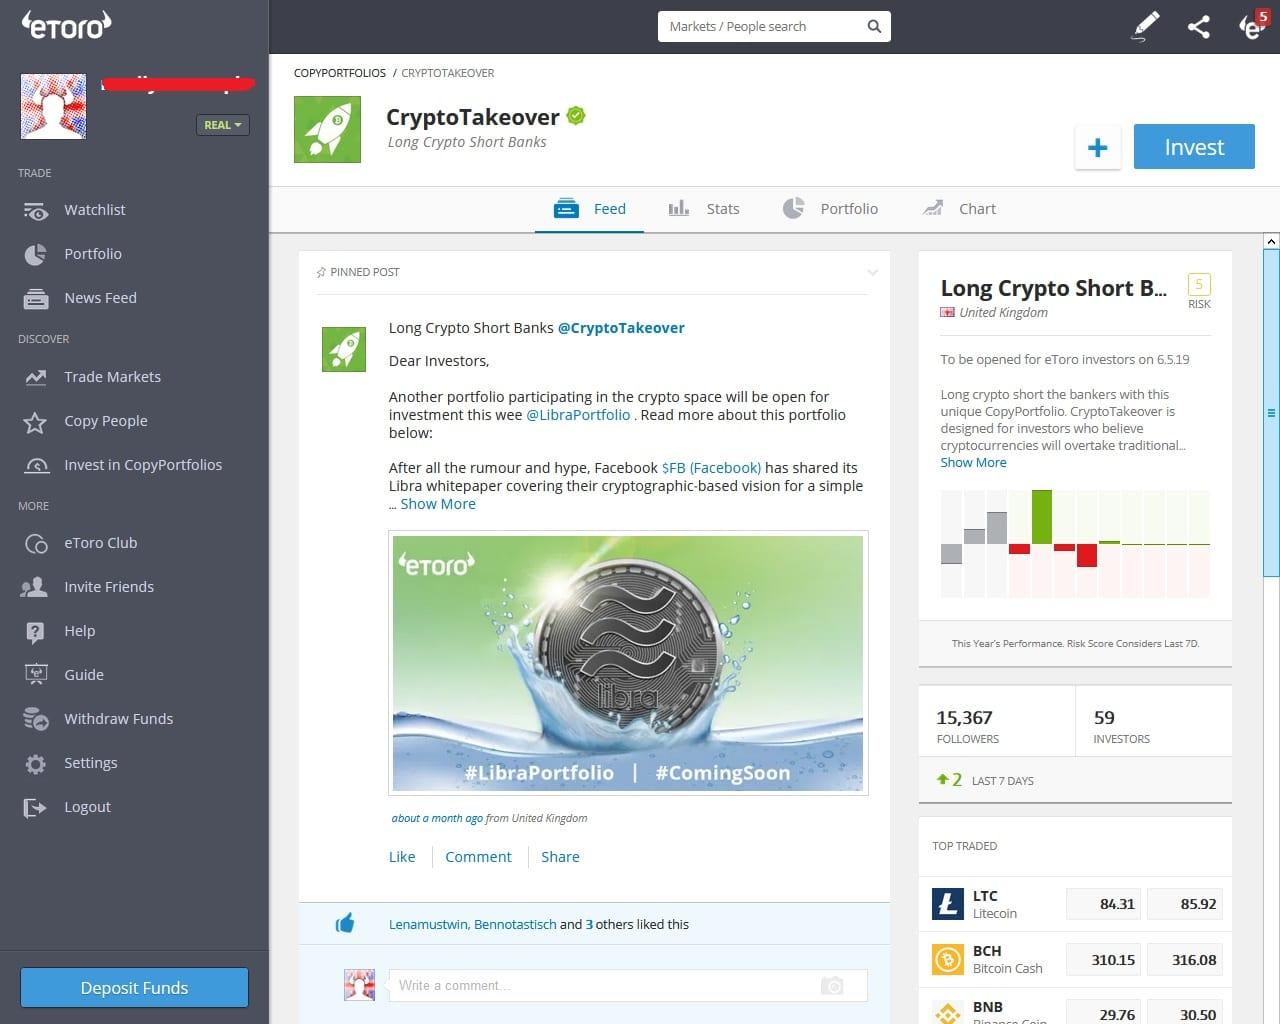 CryptoTakeover CopyPortfolio on eToro's platform